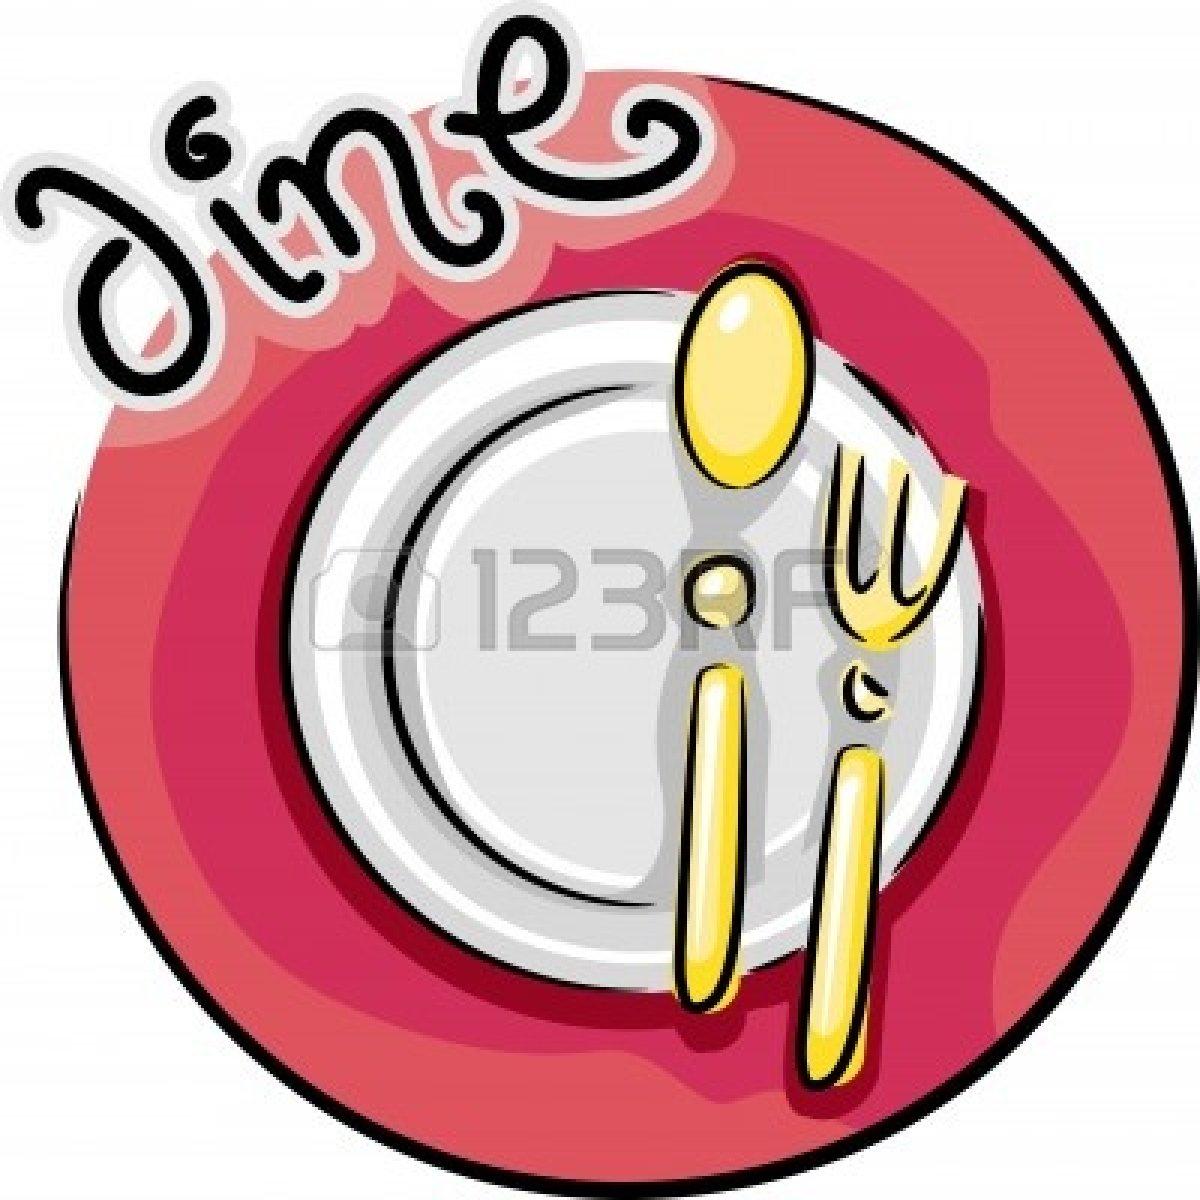 1200x1200 Dinner Plate Clip Art Clipart Panda